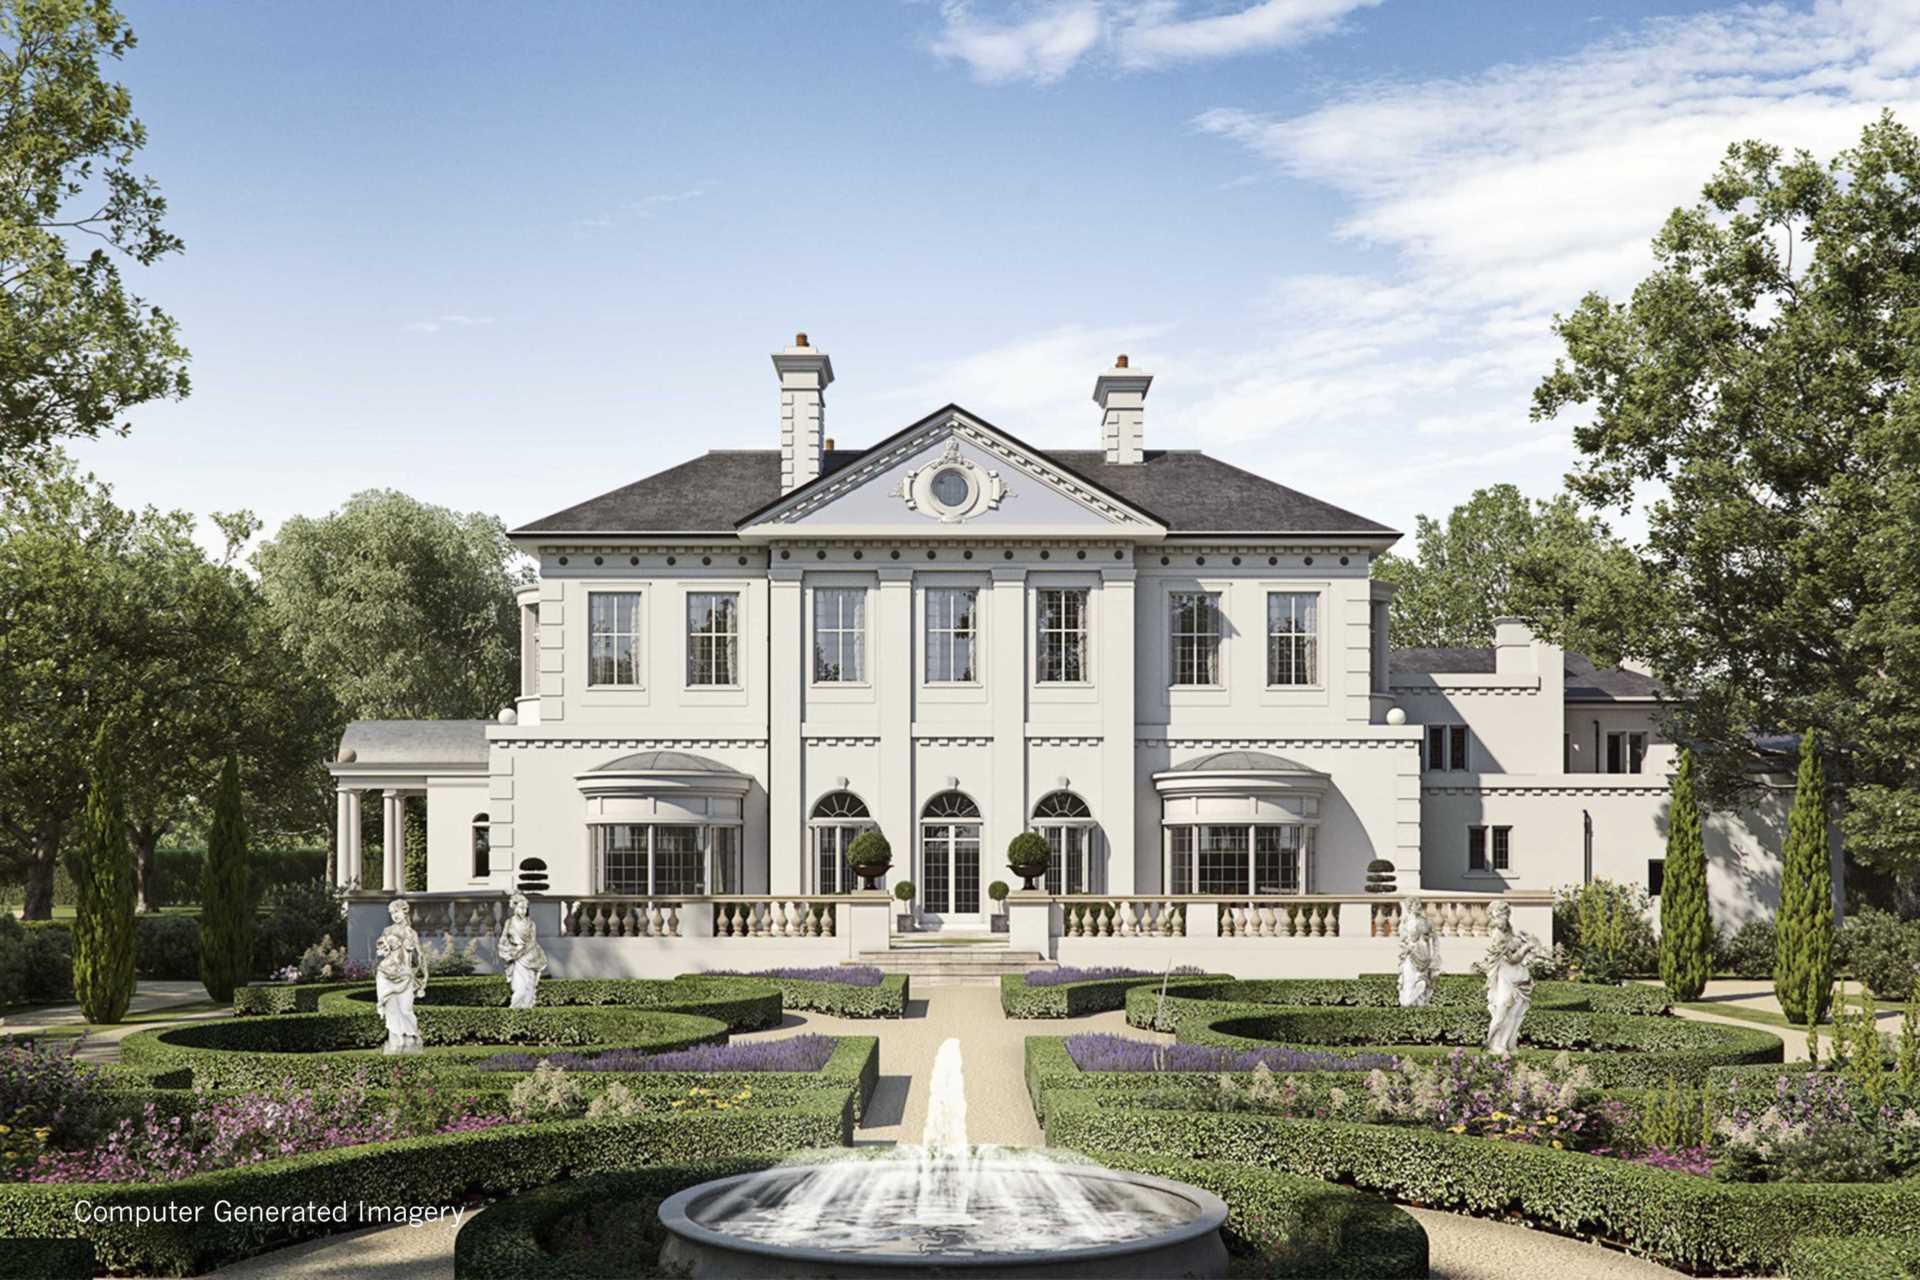 Beltwood Park Residences